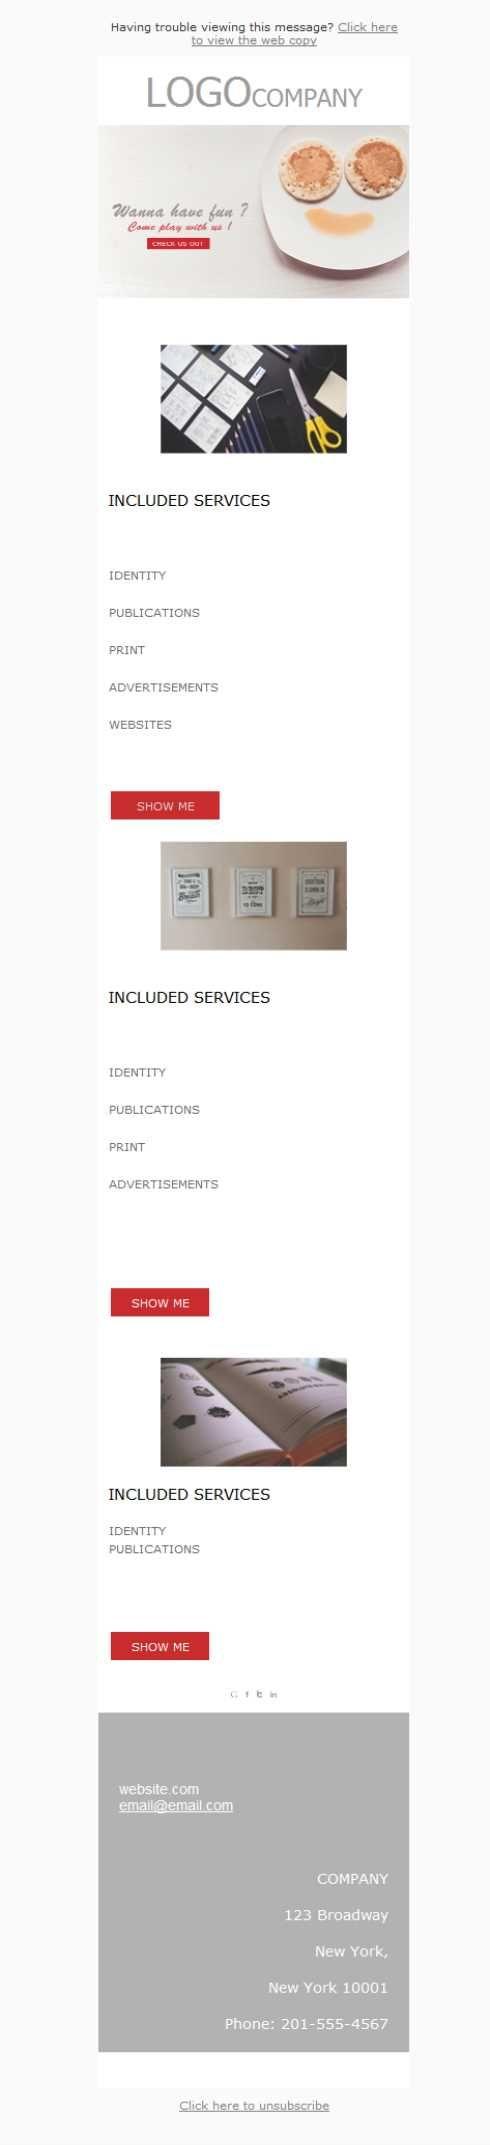 Versión responsive de plantillas newsletter para diseño gráfico y diseñadores creativos. Haz que todos conozcan tu portfolio con el emailing.